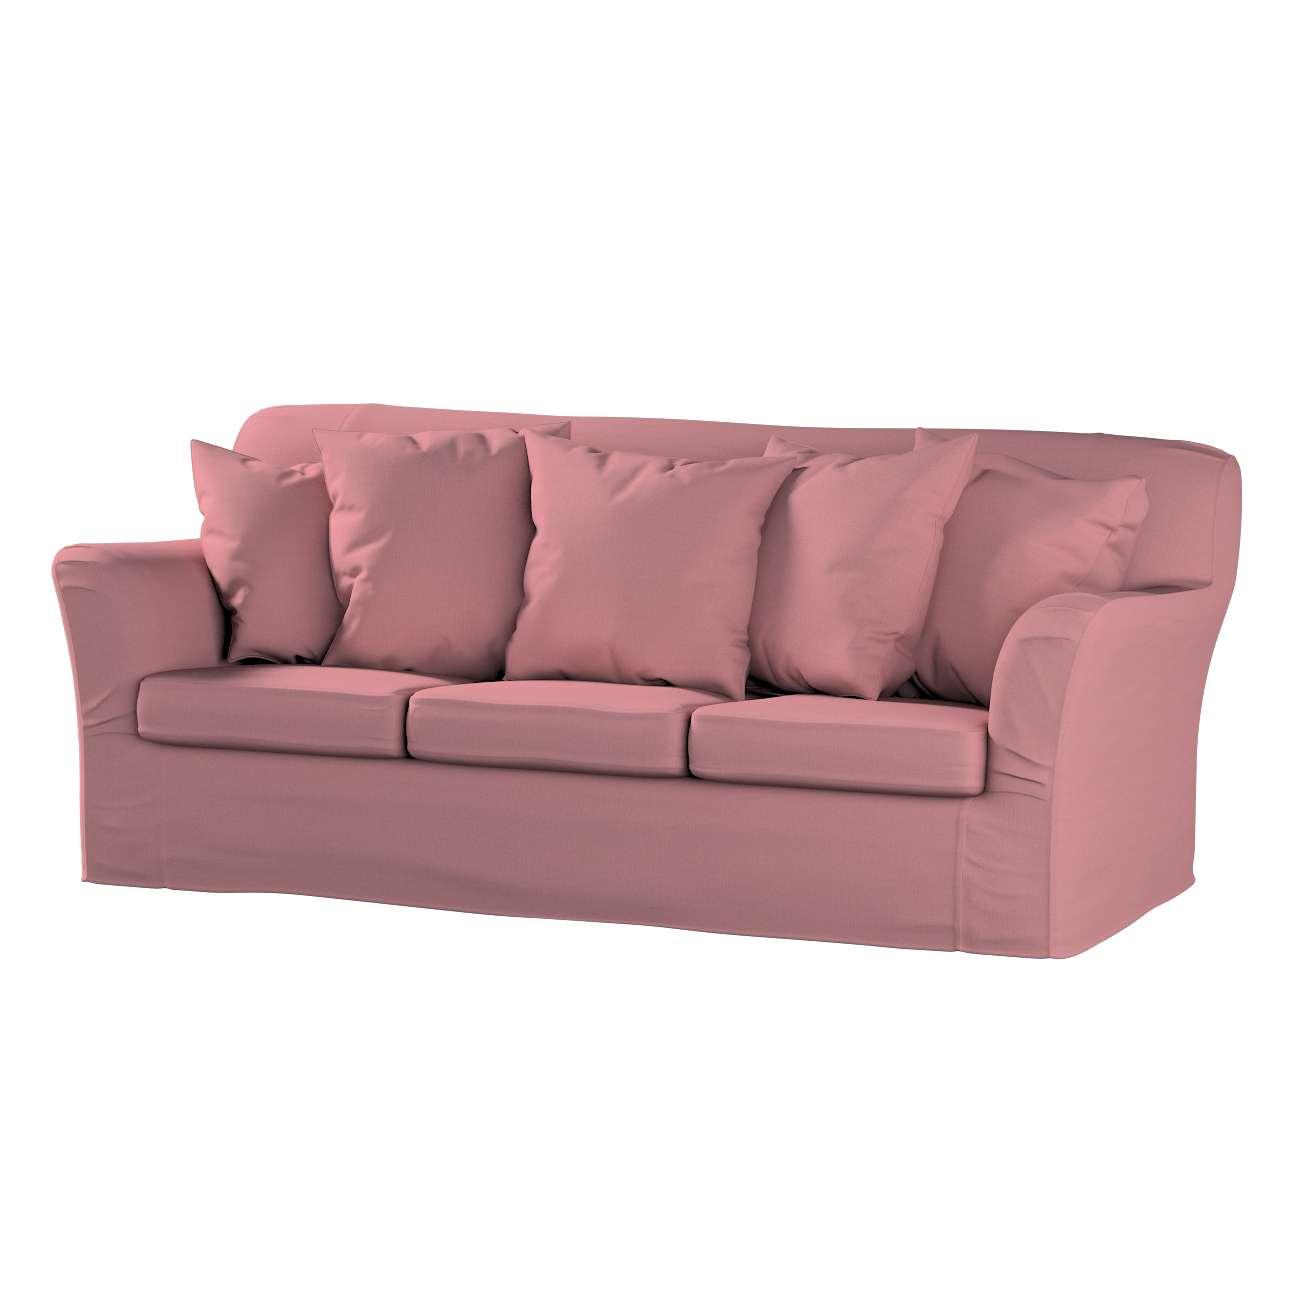 Pokrowiec na sofę Tomelilla 3-osobową nierozkładaną w kolekcji Cotton Panama, tkanina: 702-43